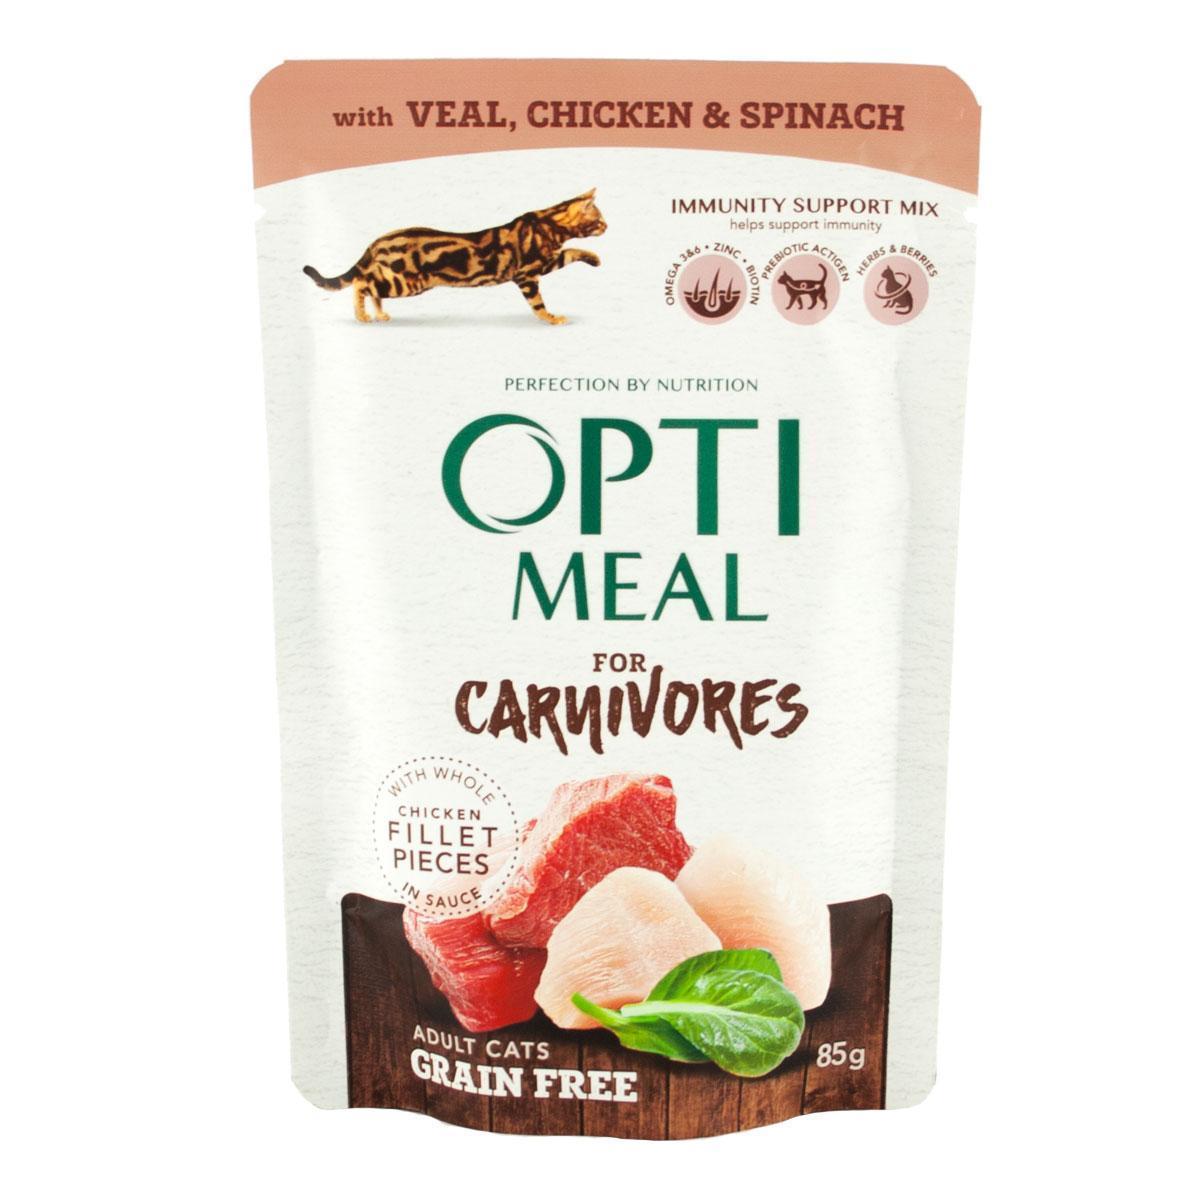 Вологий беззерновой корм для кішок Optimeal з телятиною, куркою та шпинатом блок 85 г*12 шт.